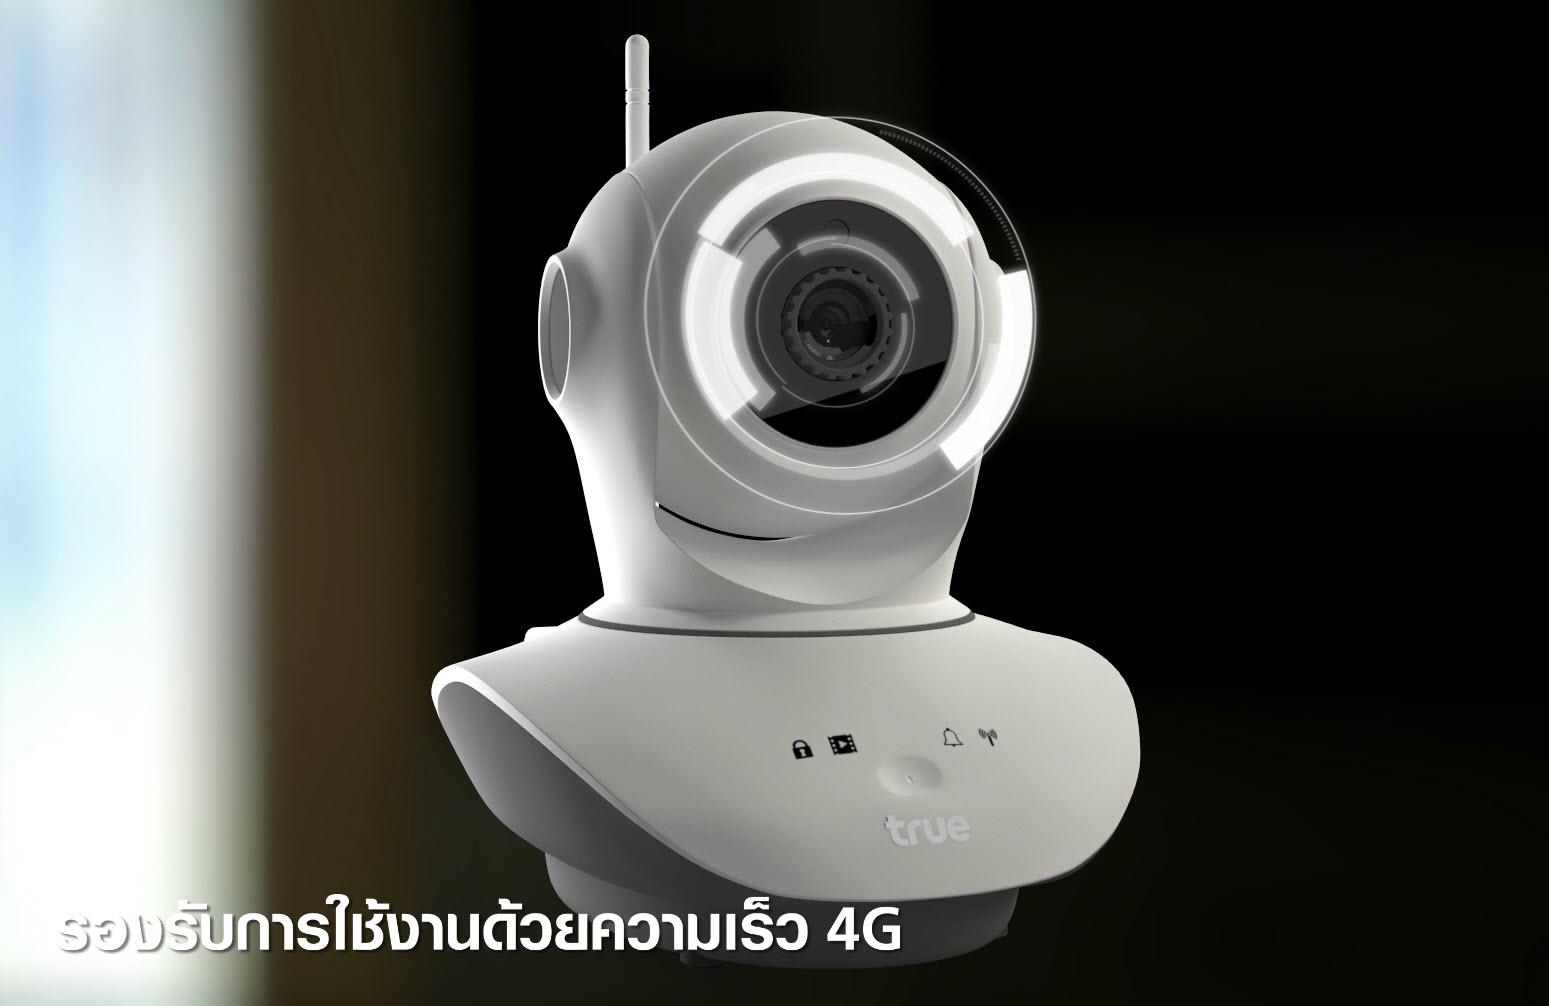 True Iot 4g Cctv 1 2